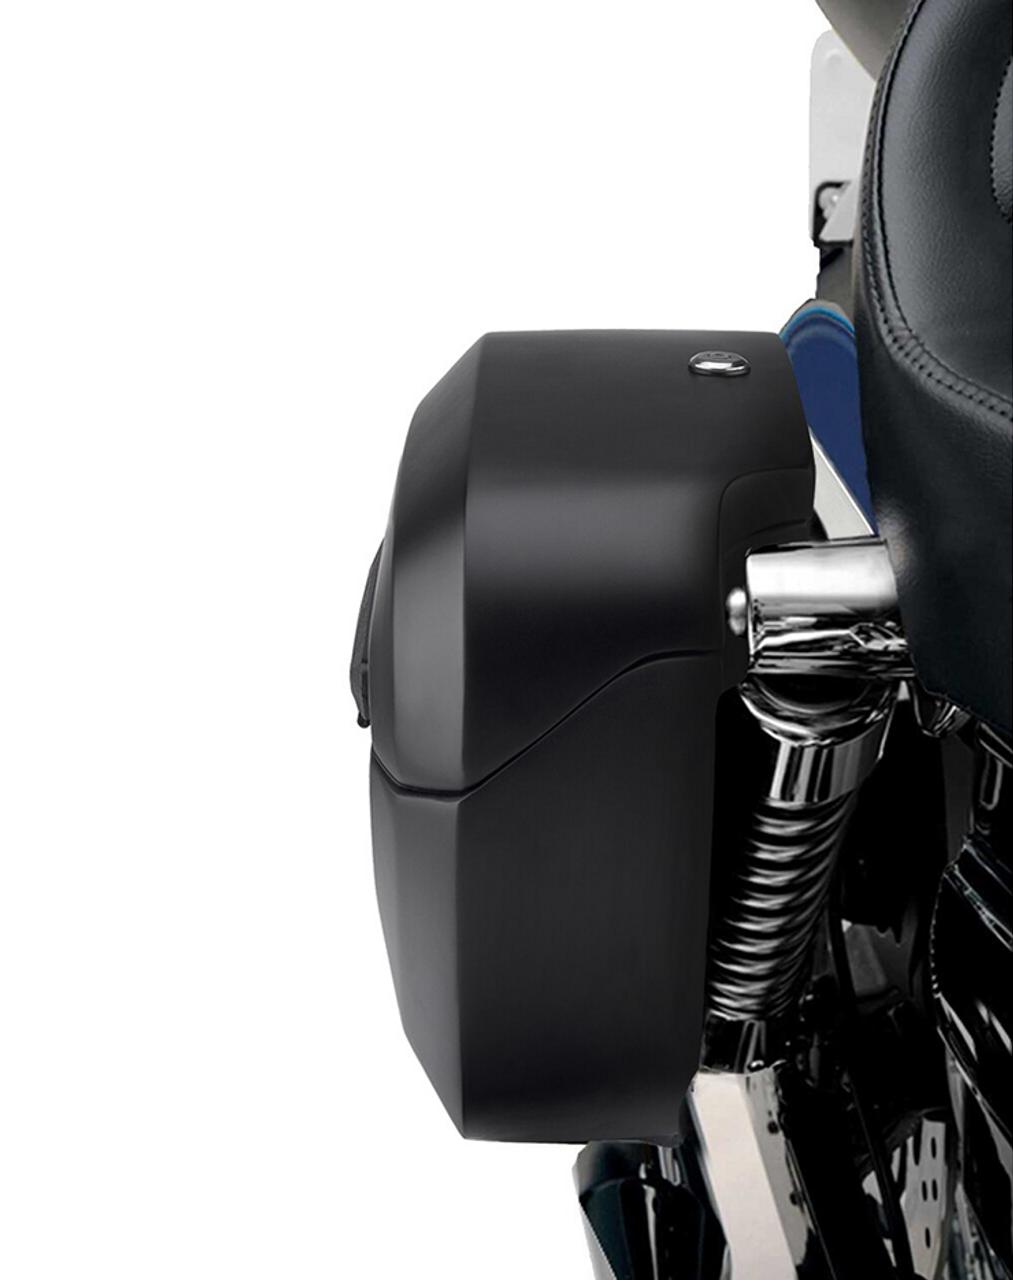 Viking Lamellar Shock Cutout Large Matte Motorcycle Hard Saddlebags For Kawasaki Eliminator 125, BN125 Shock Cutout View